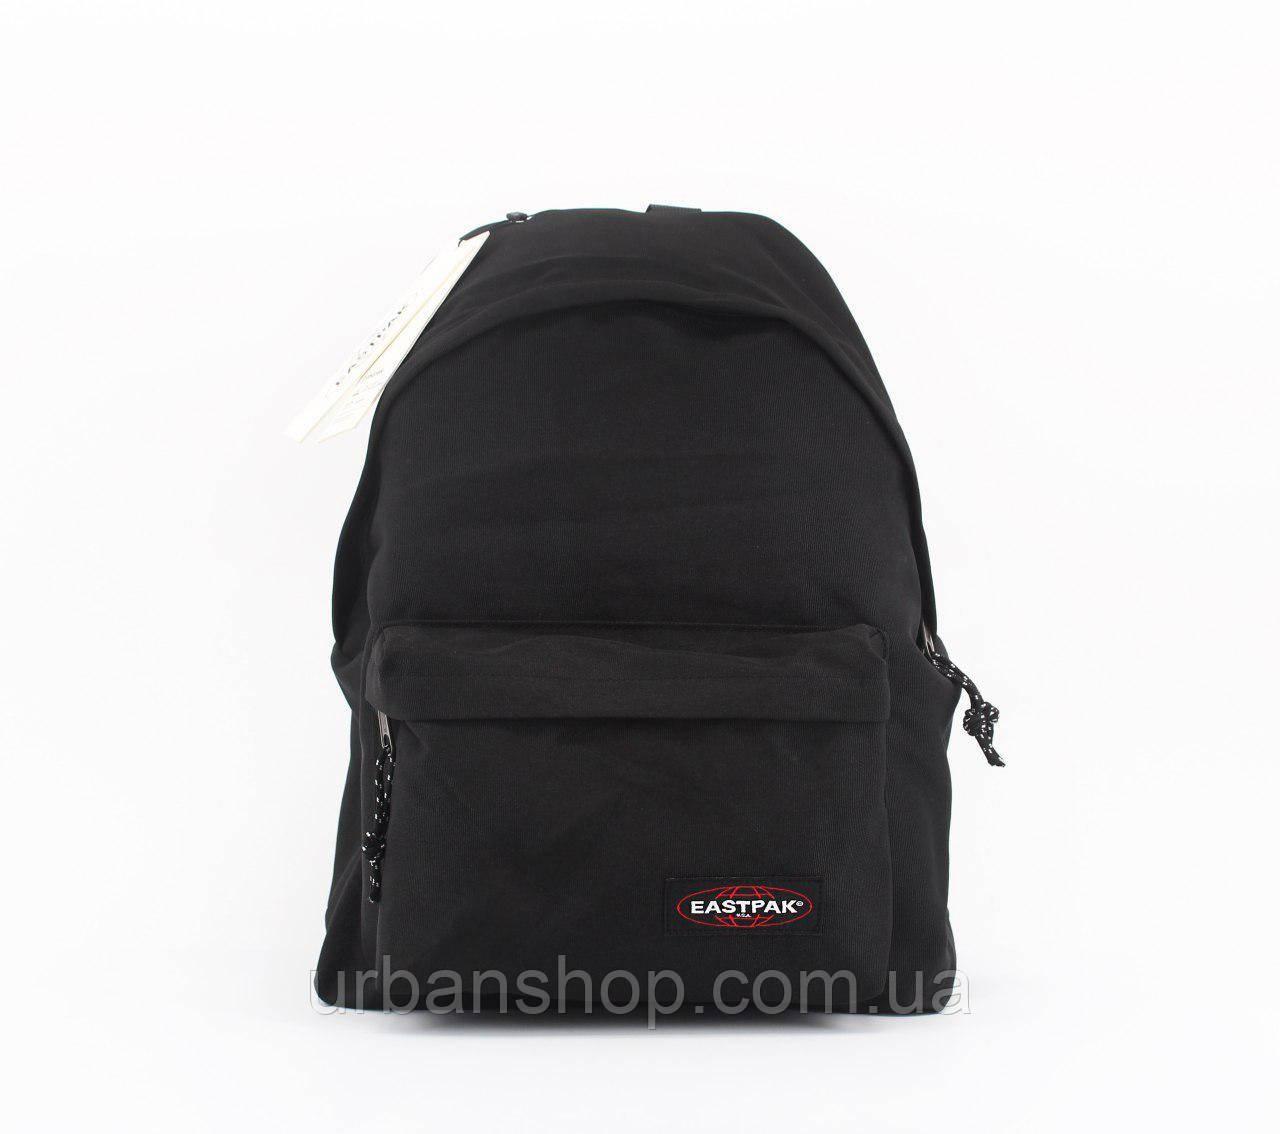 Рюкзак EASTPAK Black